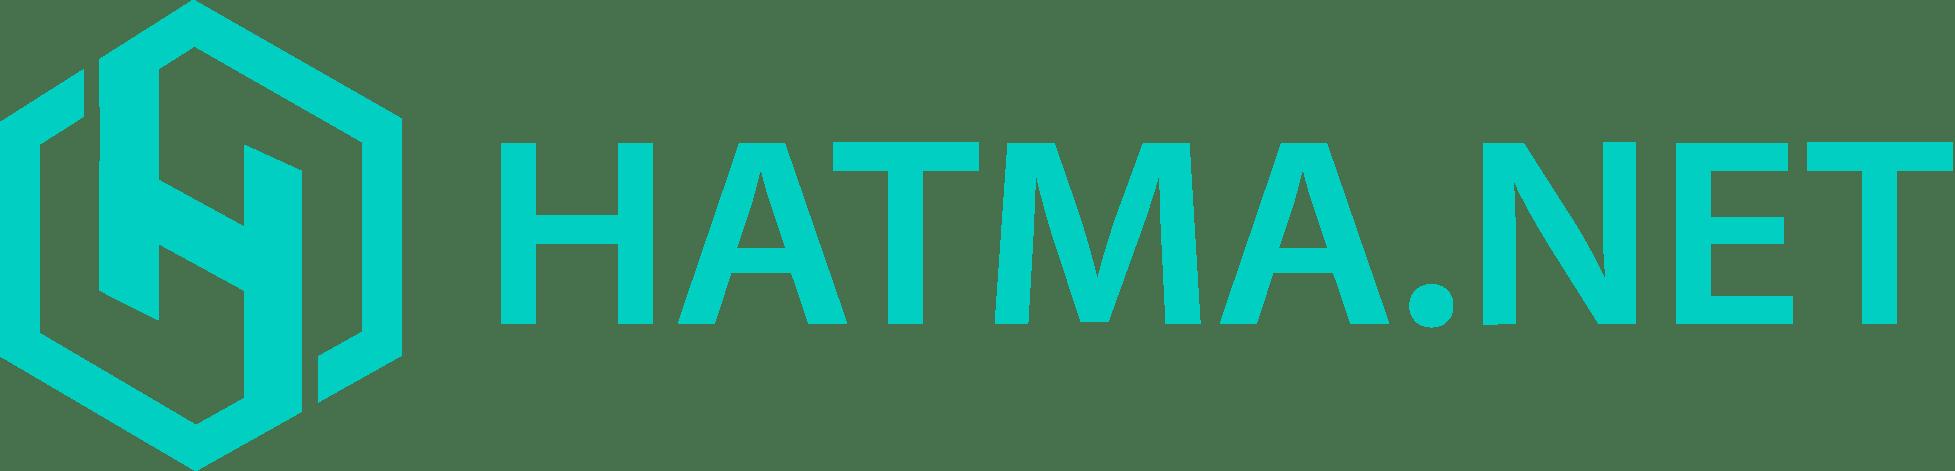 hatma net